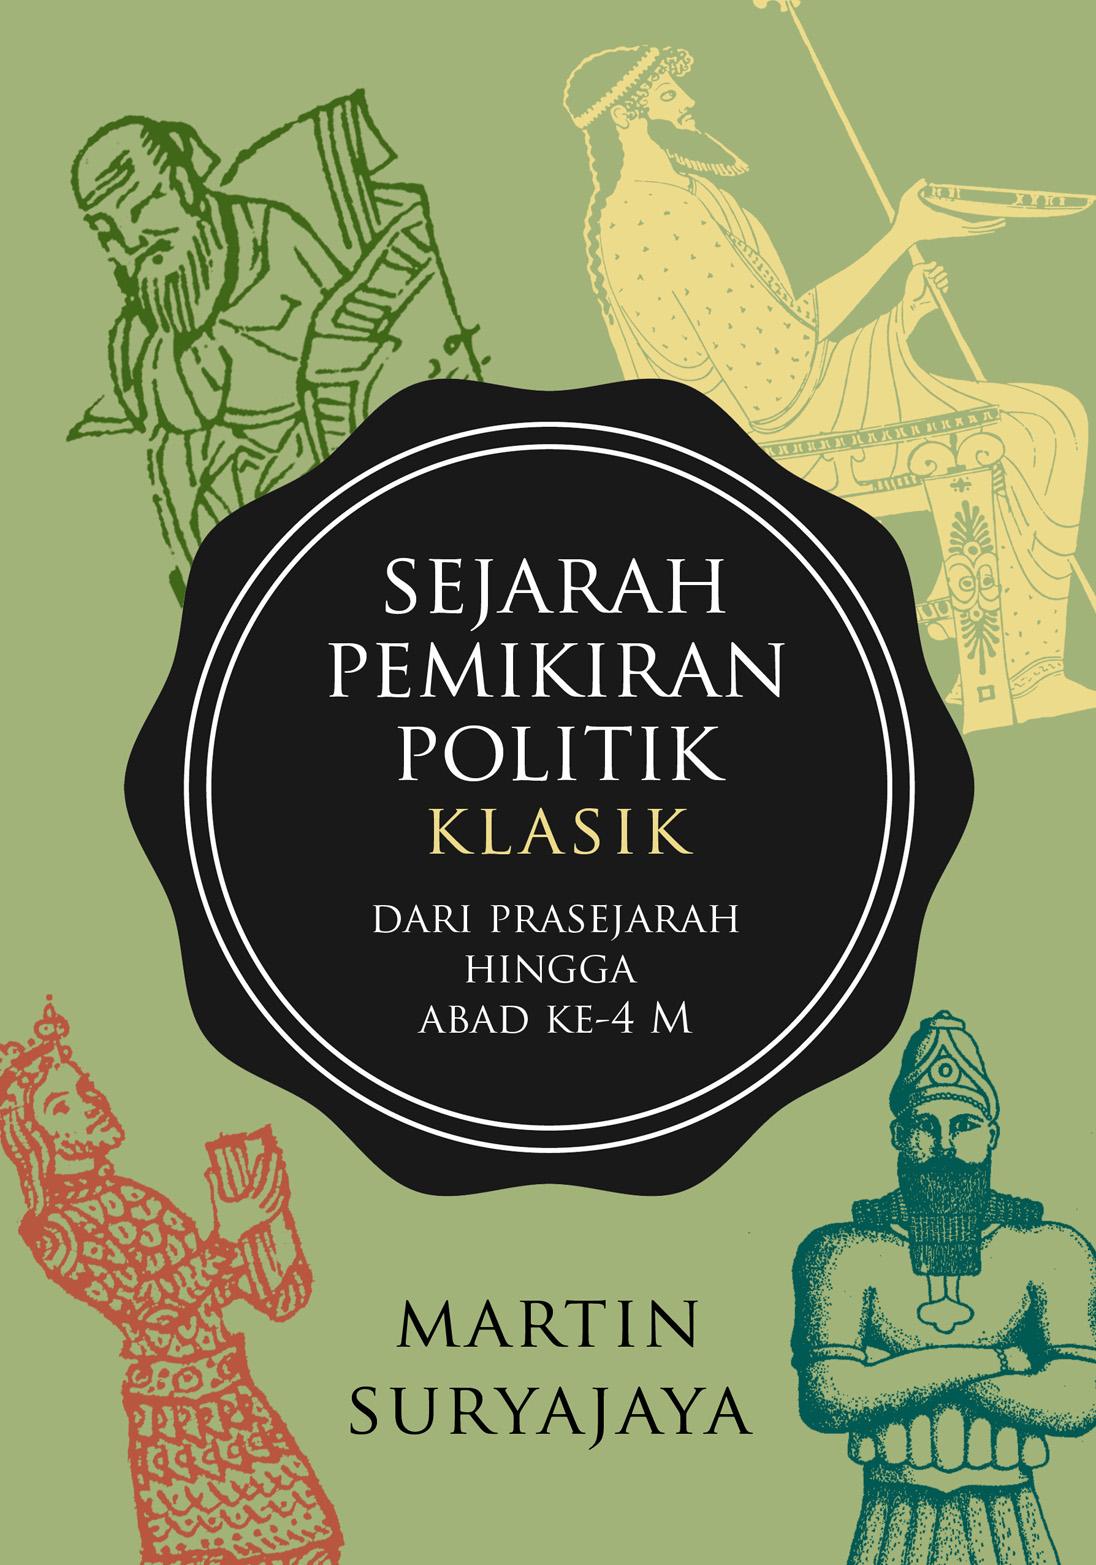 sejarah pemikiran politik klasik